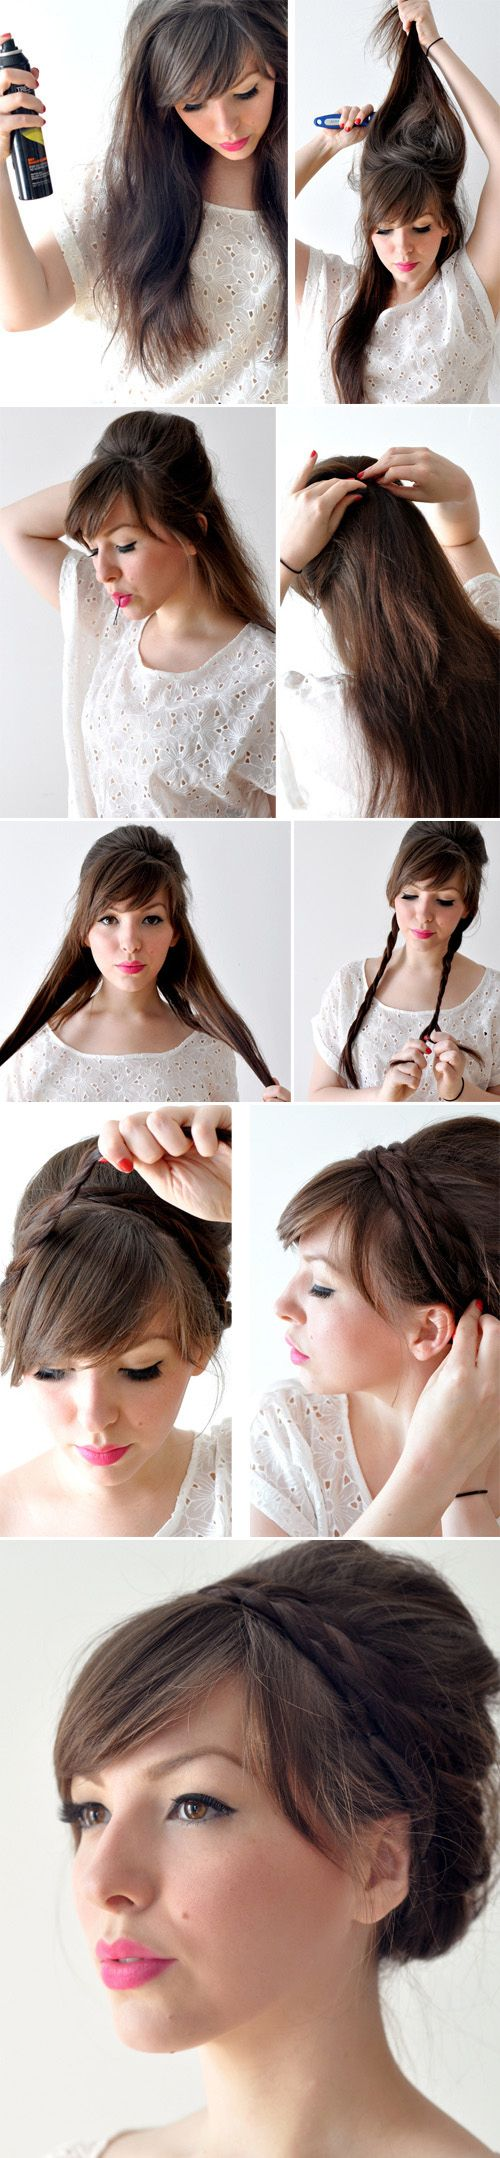 Peinados De Novia Recogidos Paso A Paso Elegantisimos